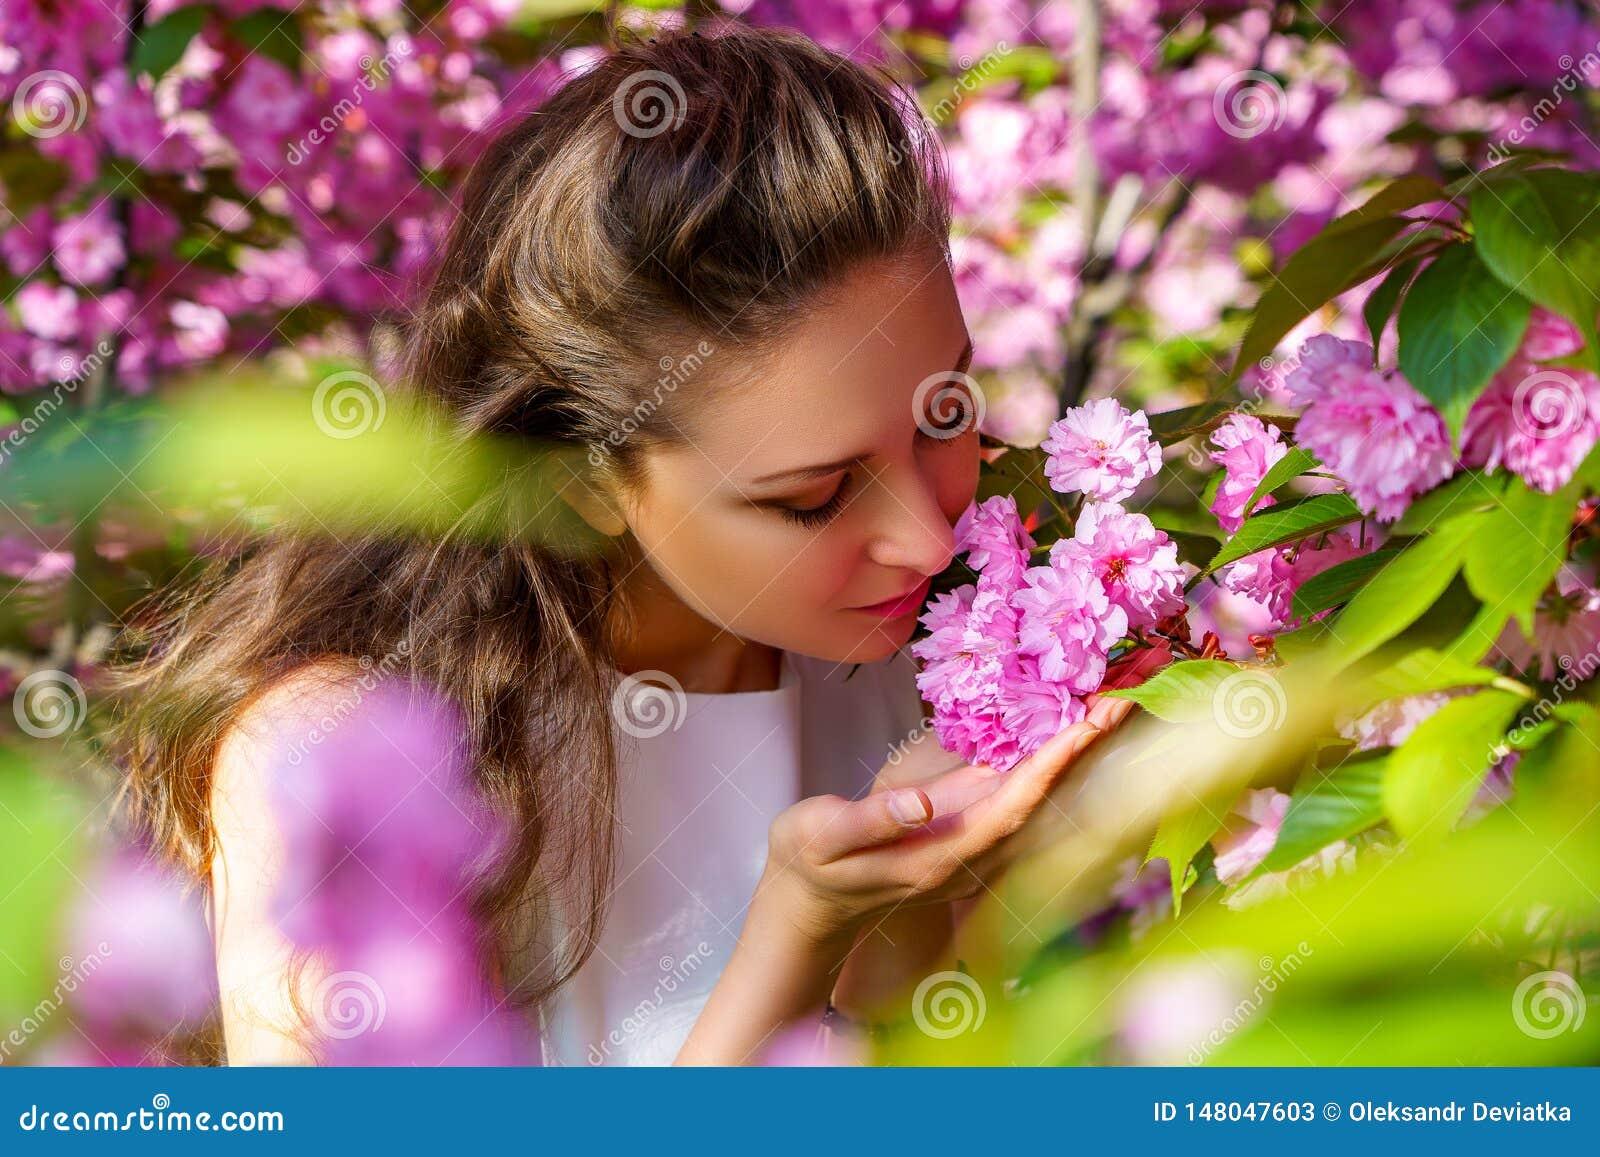 La chica joven hermosa huele las flores rosadas, Sakura floreciente en jard?n de la primavera